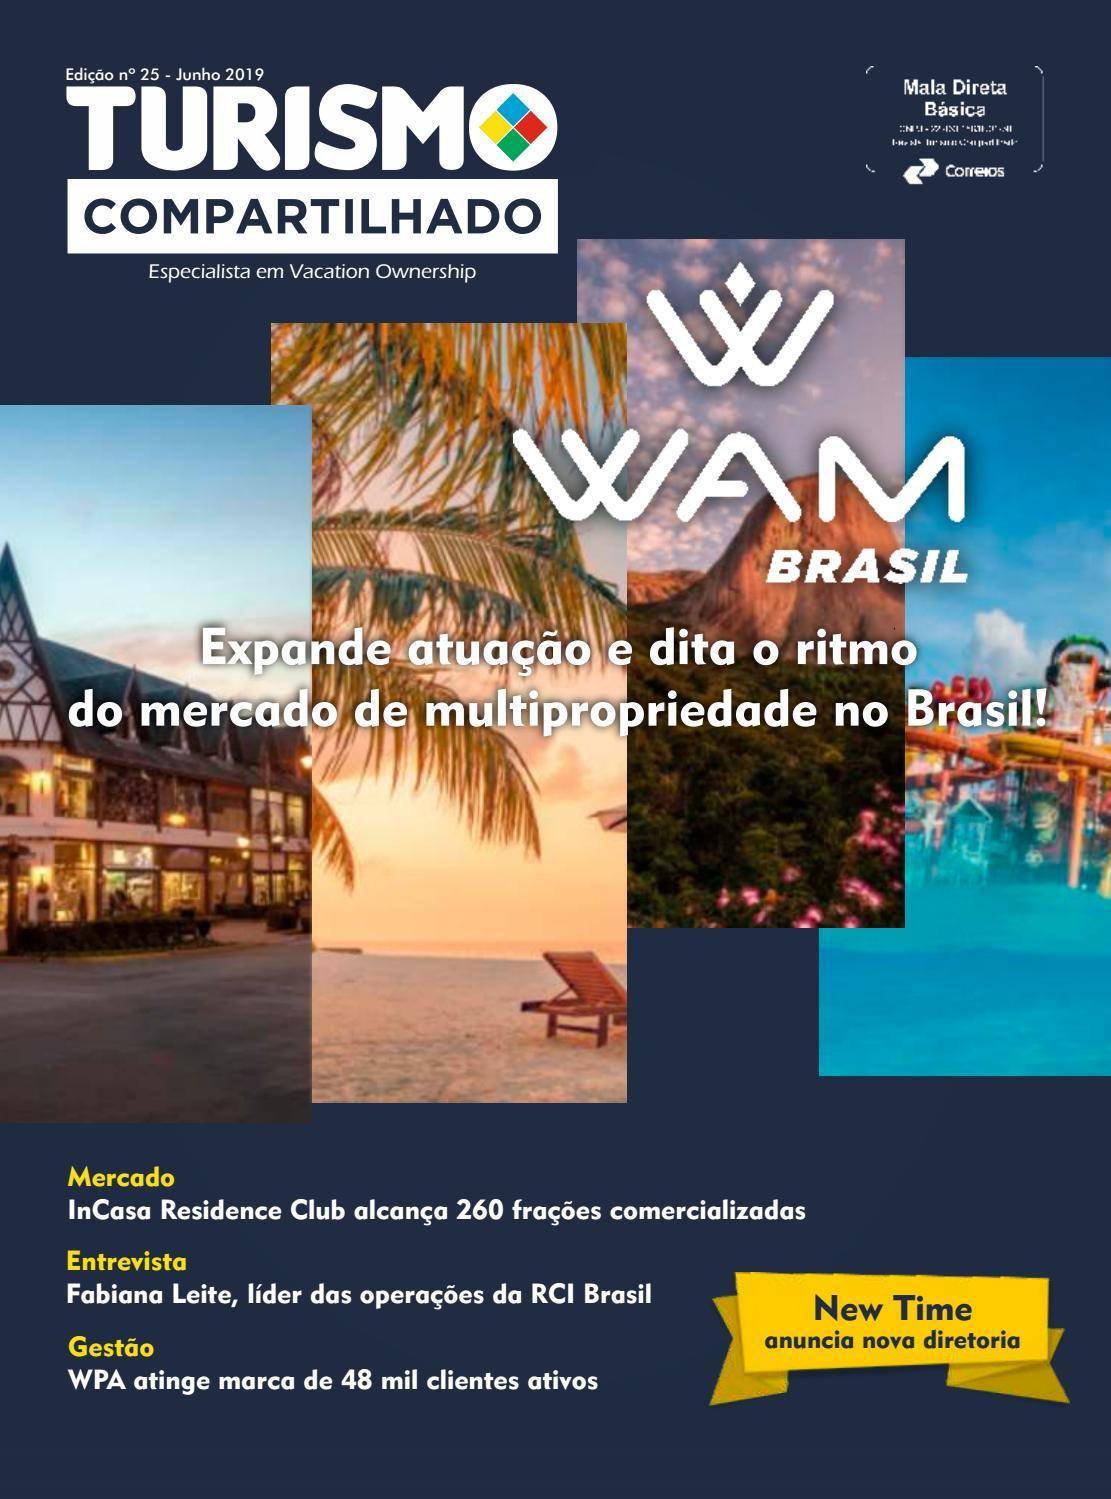 6793407c7 Revista Turismo Compartilhado - Edição 25 - Maio/Junho 2019 by turismo  compartilhado - issuu